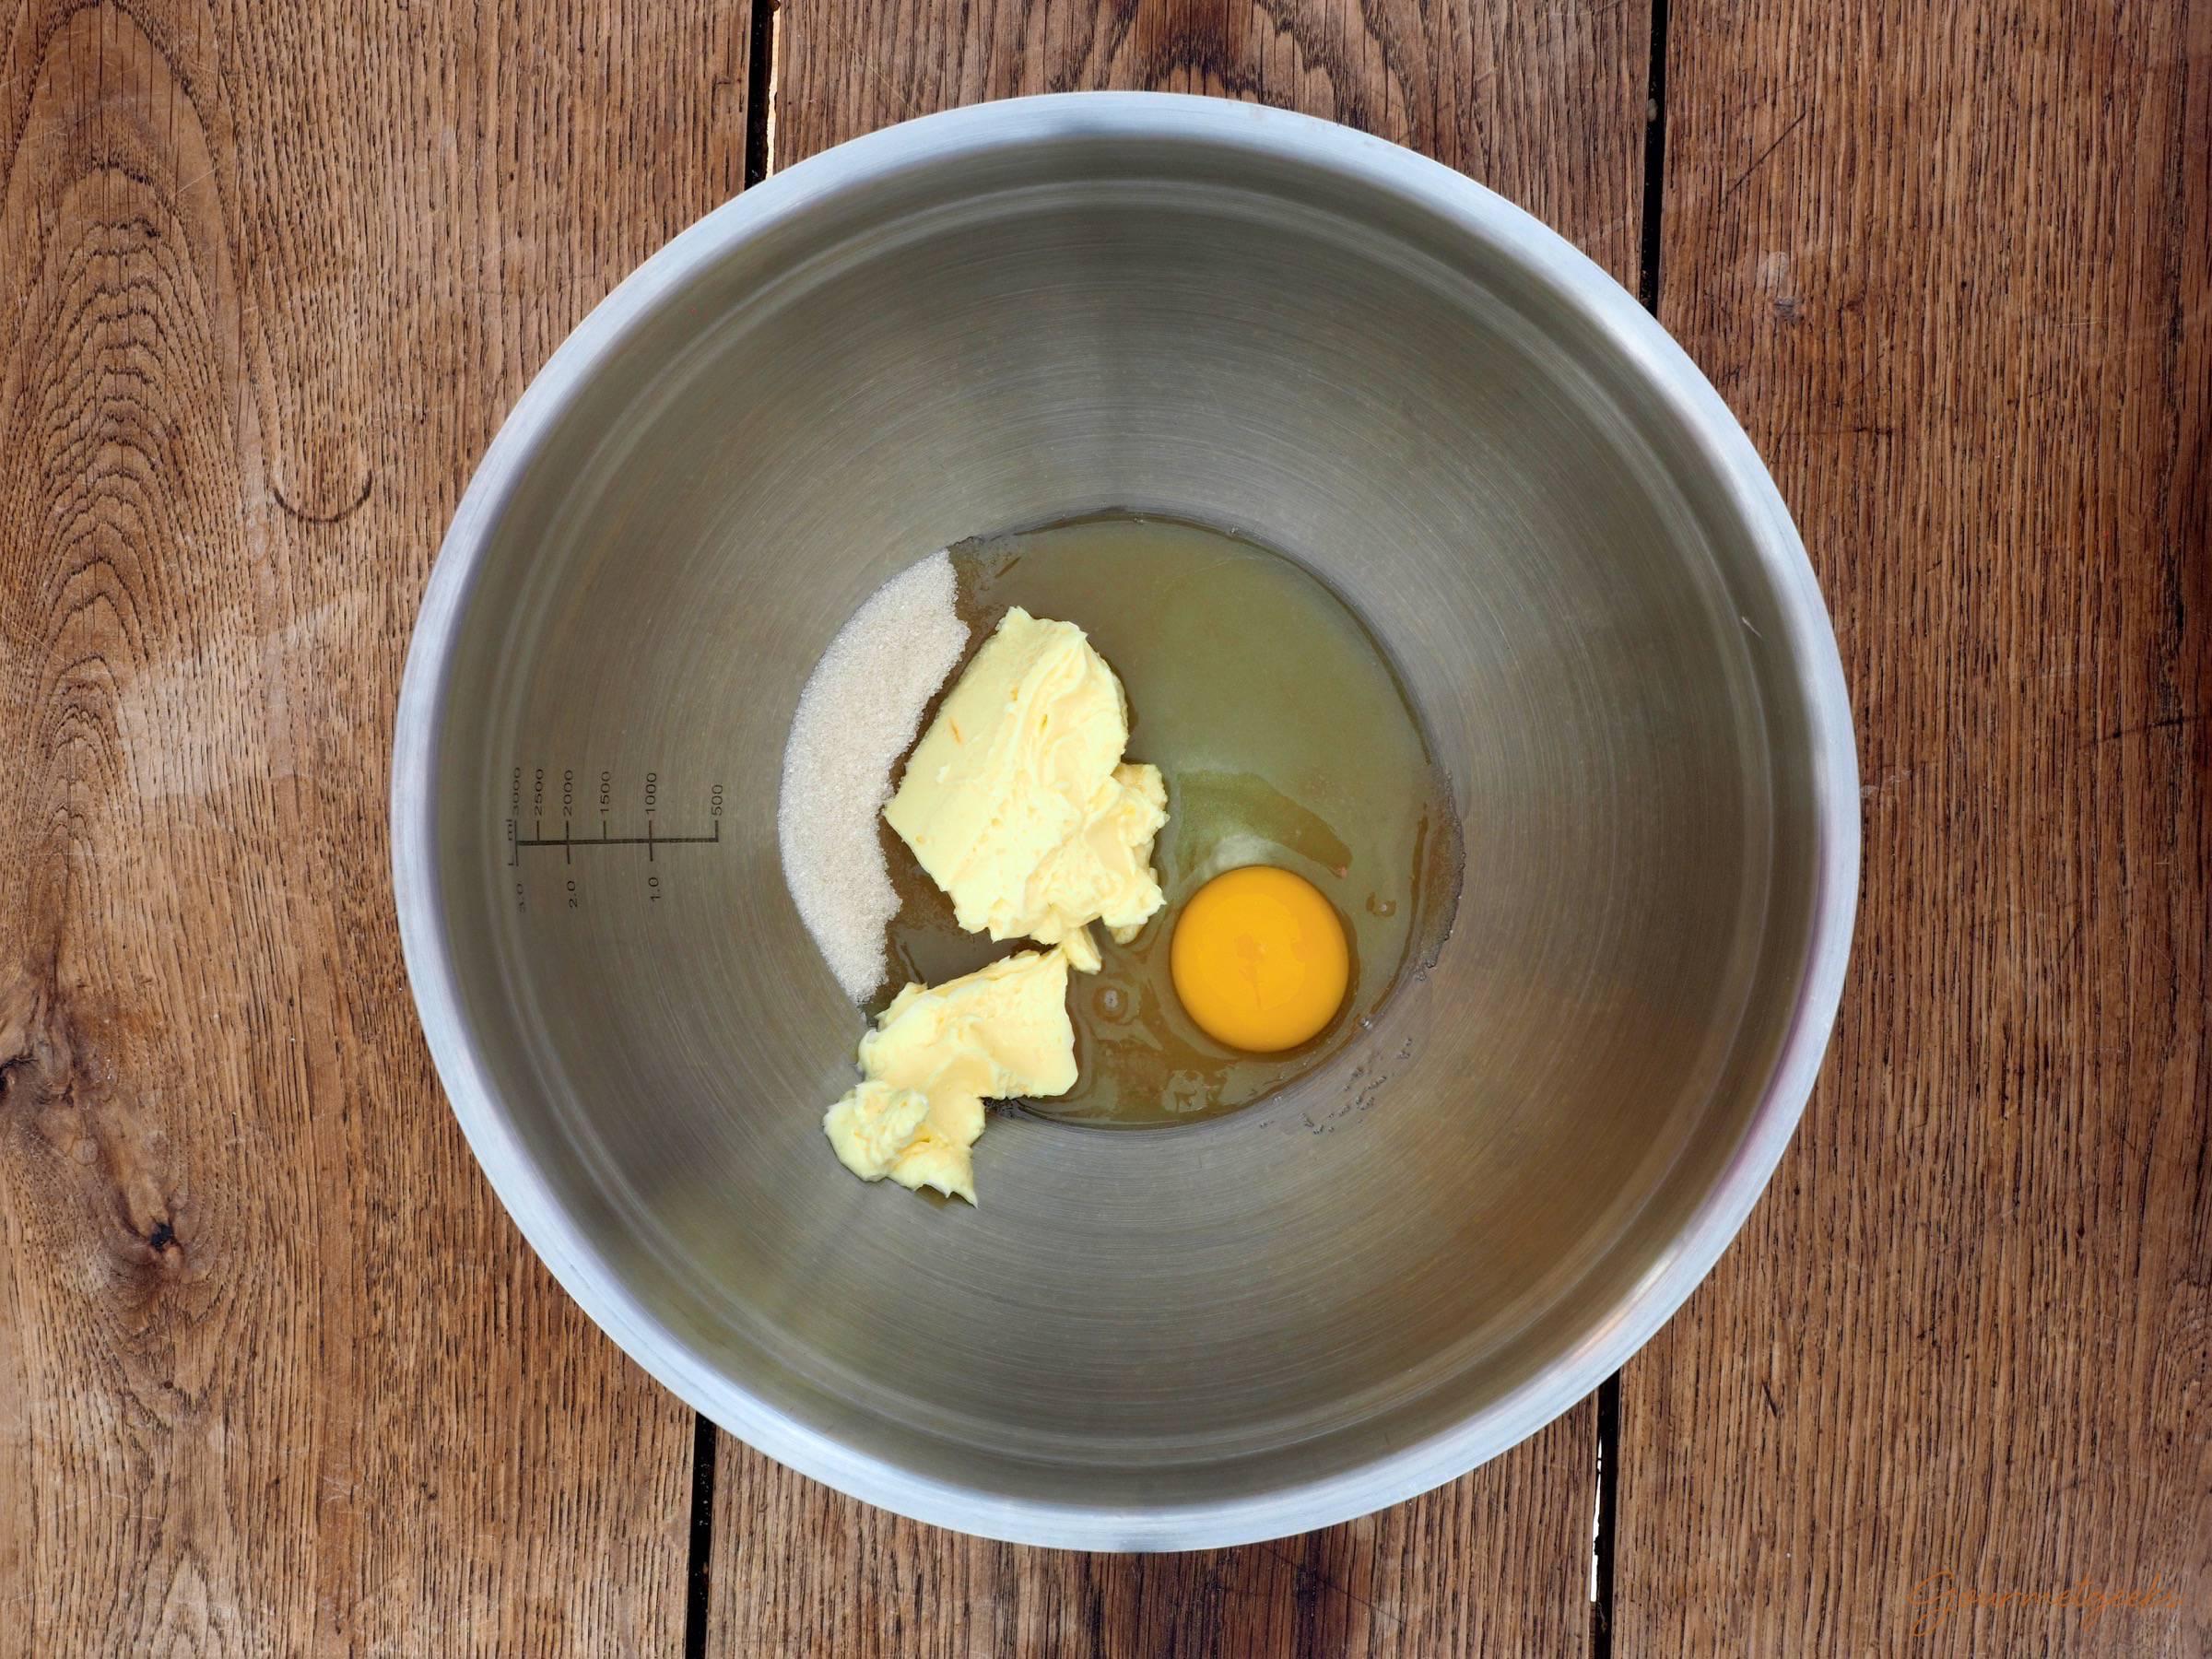 Butter, Zucker und Ei vermischen